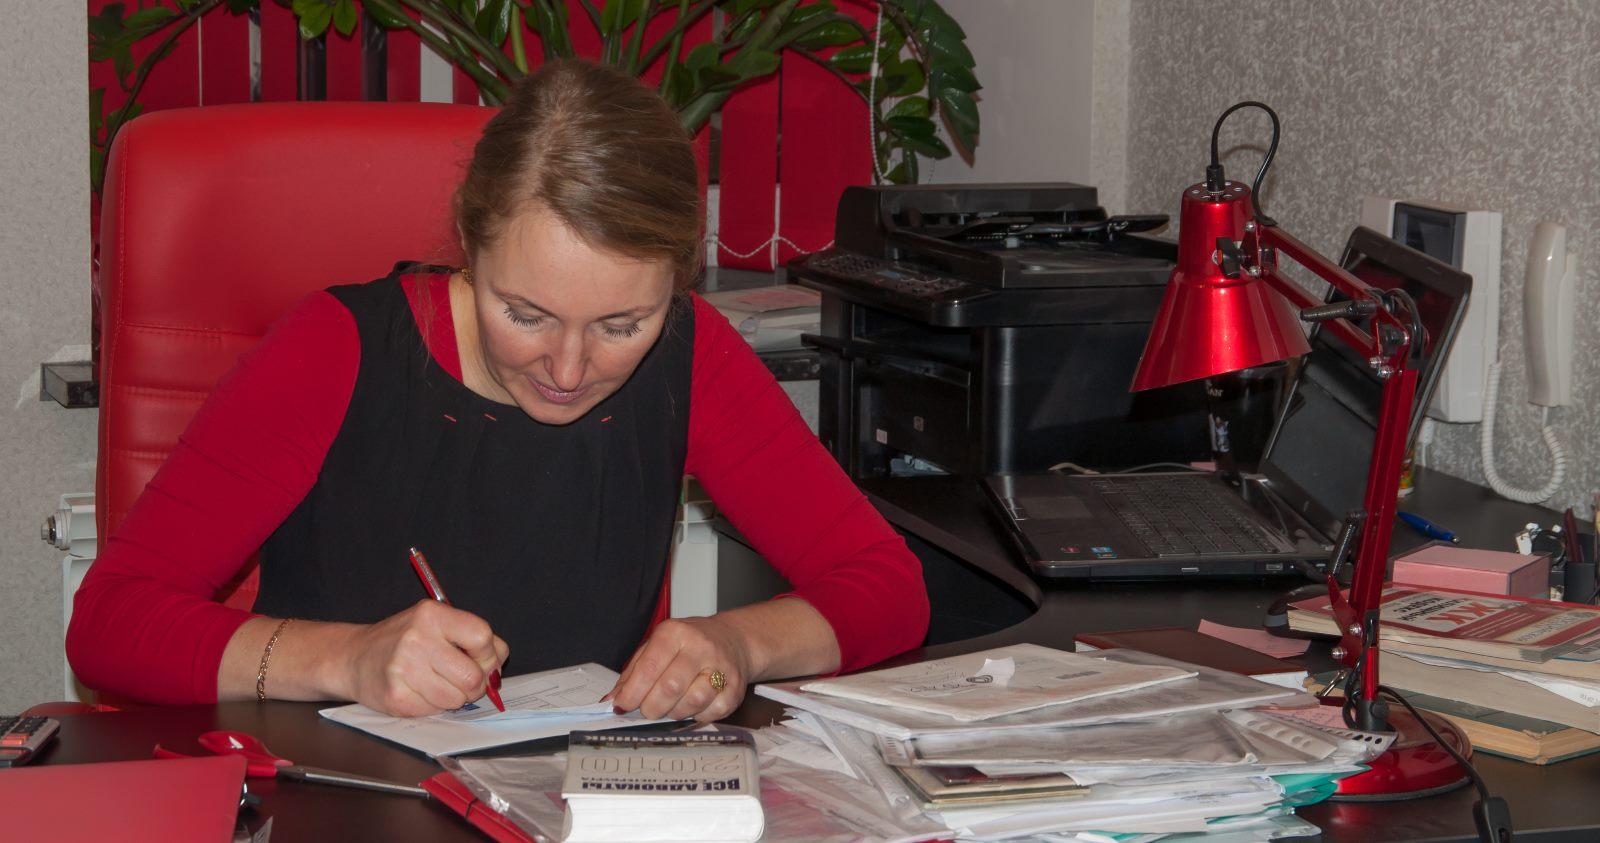 Юрист по наследственному праву Рабочего класса улица консультации по защите прав потребителей Братьев Петровых улица